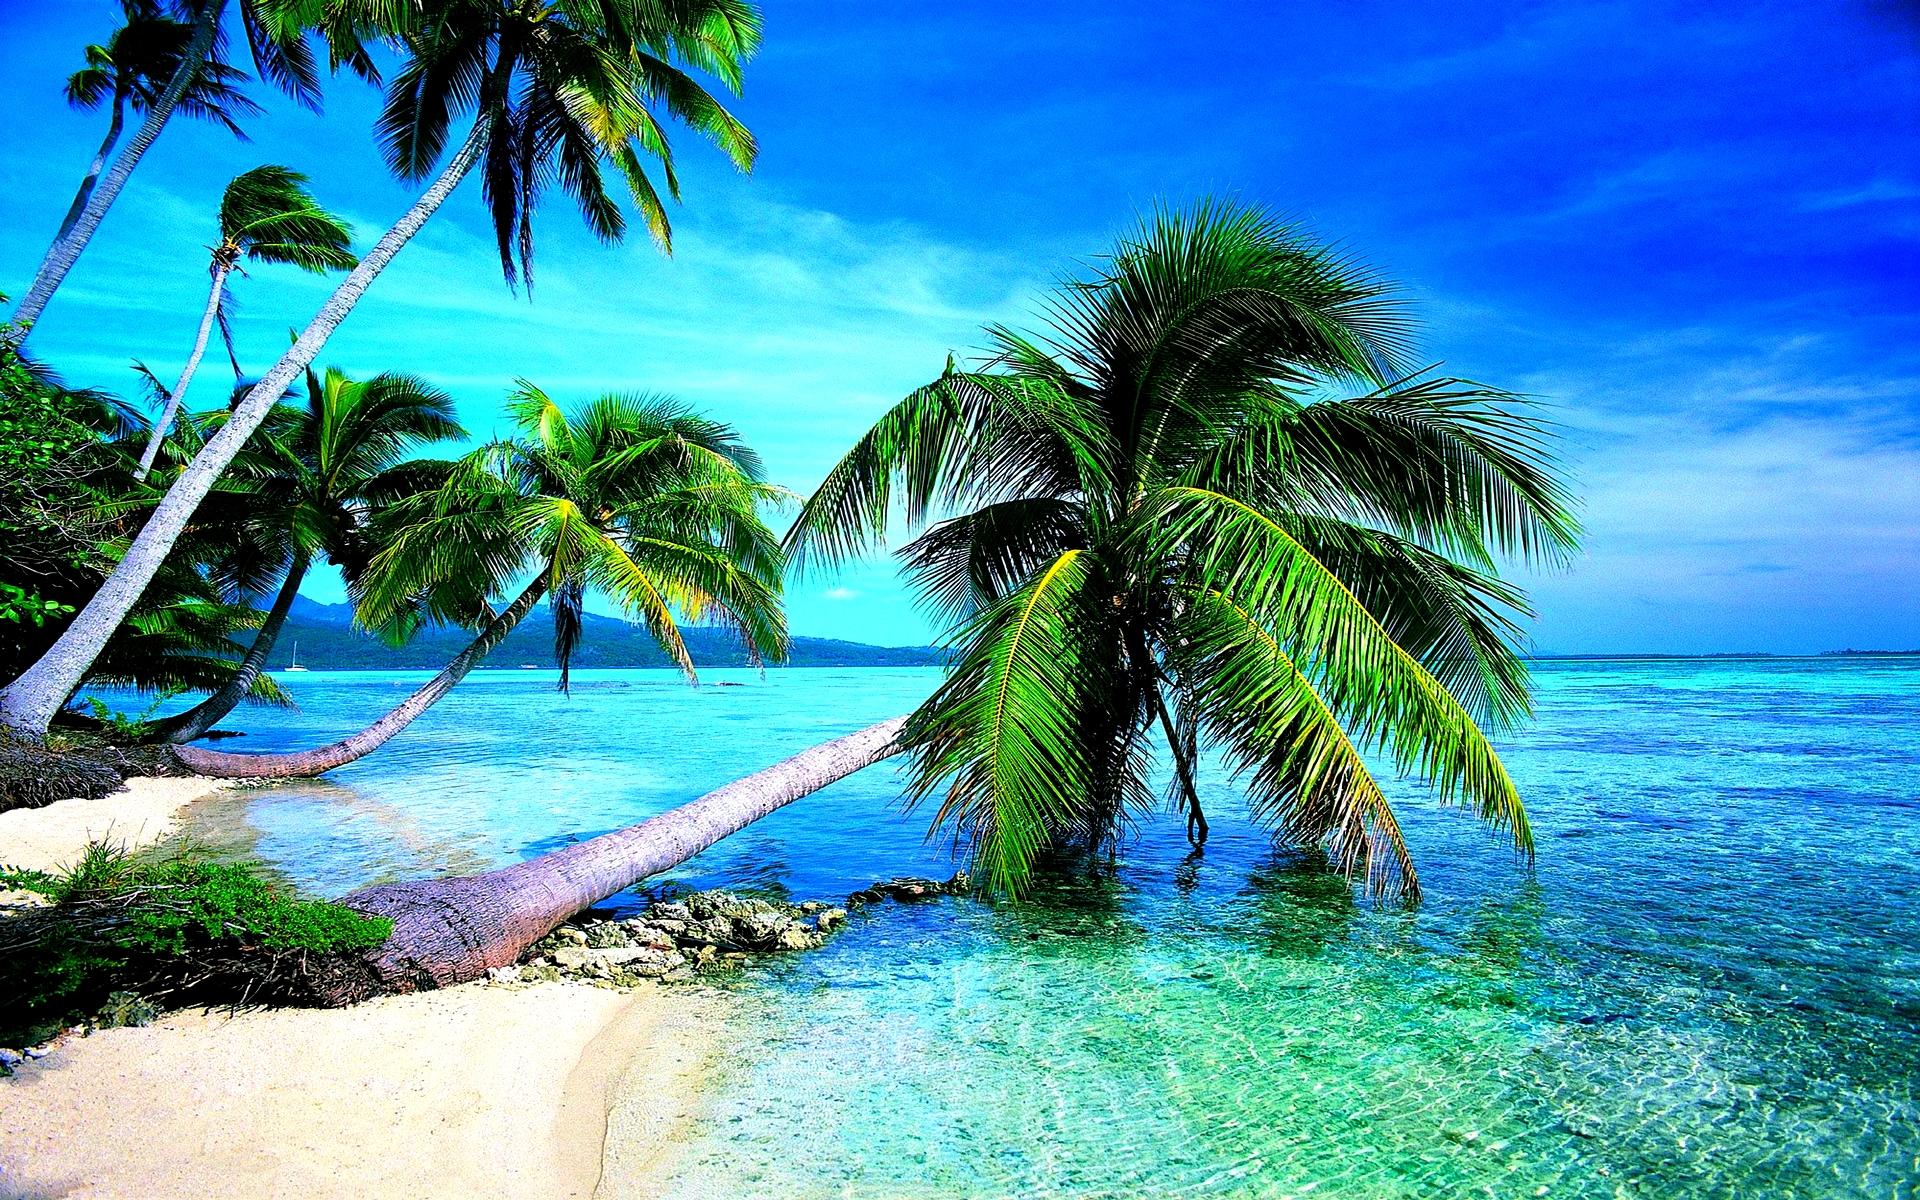 Tropical Beach Desktop Backgrounds Tropical beach 1920x1200